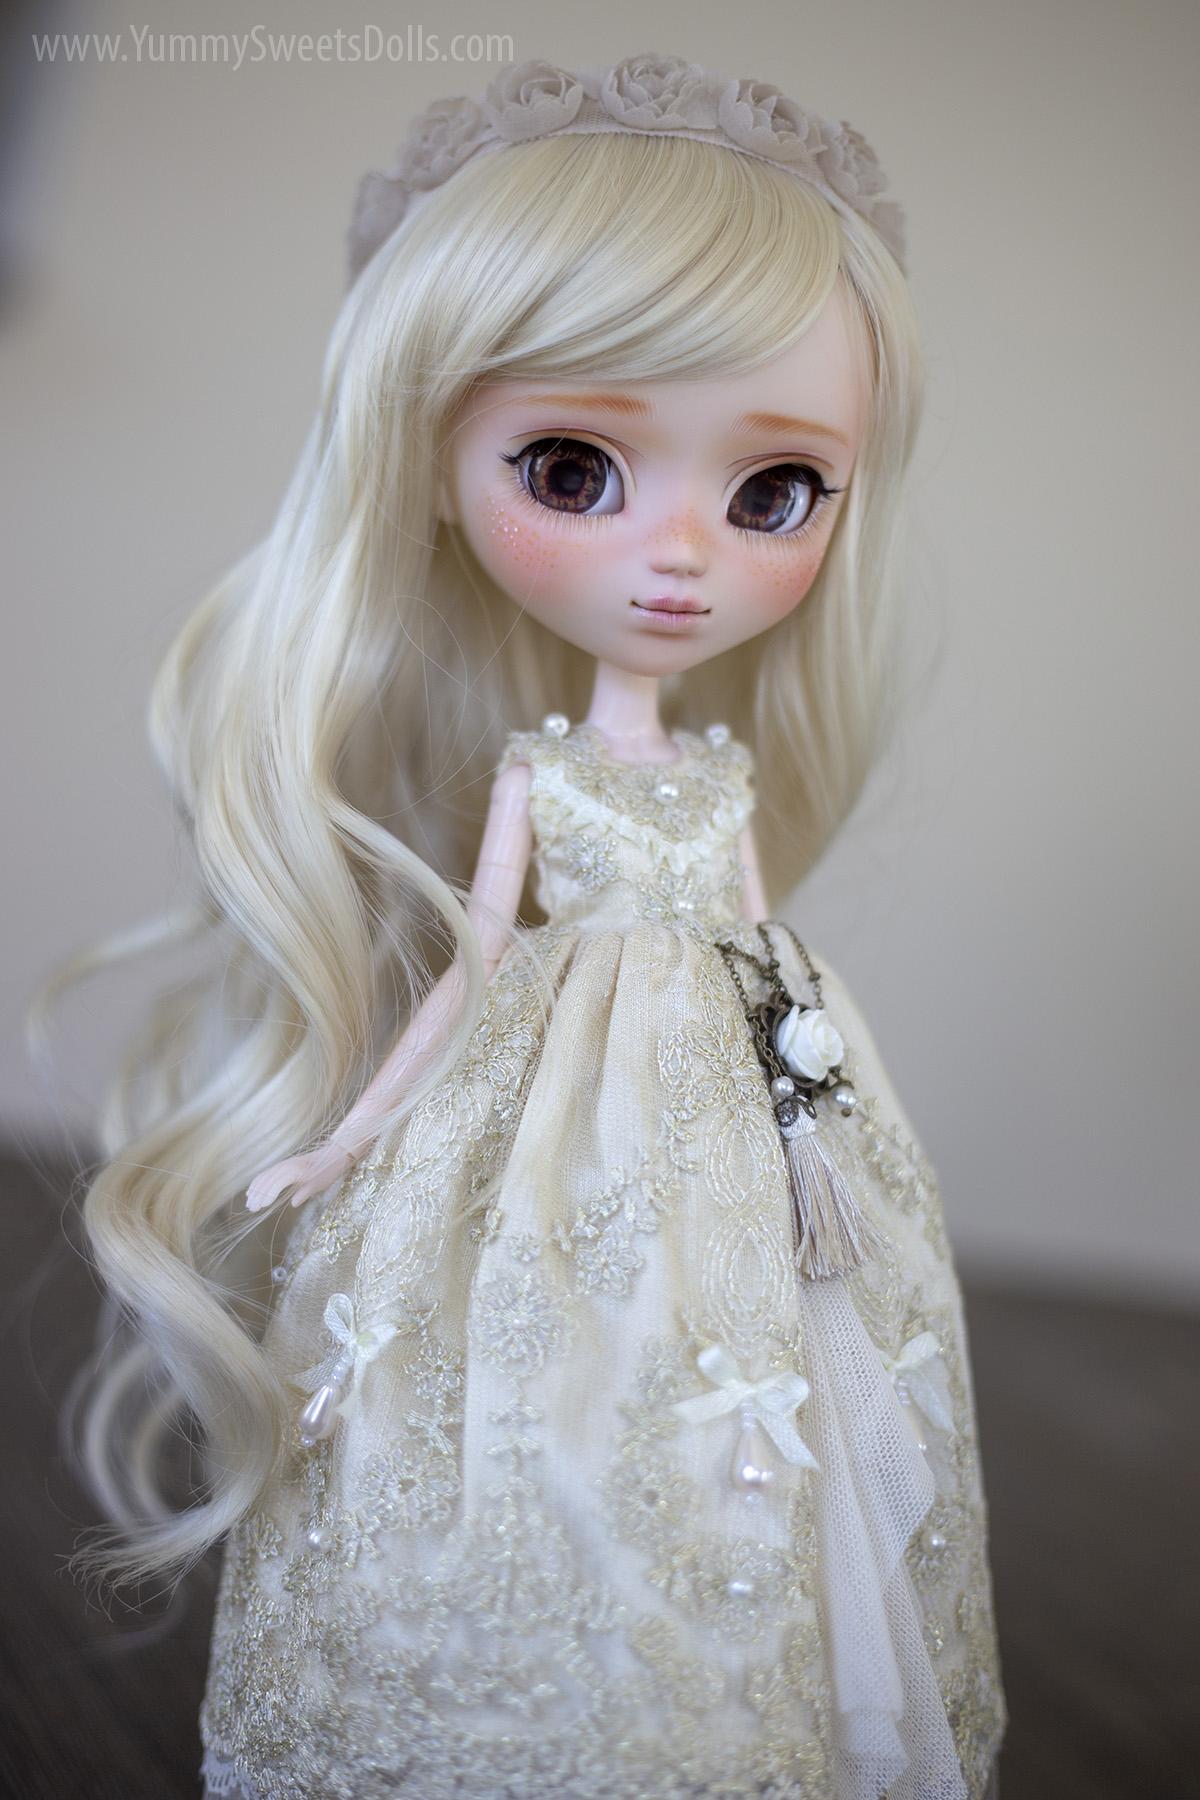 Evangeline Bride Wedding full custom Pullip doll by Yummy Sweets Dolls, Connie Bees